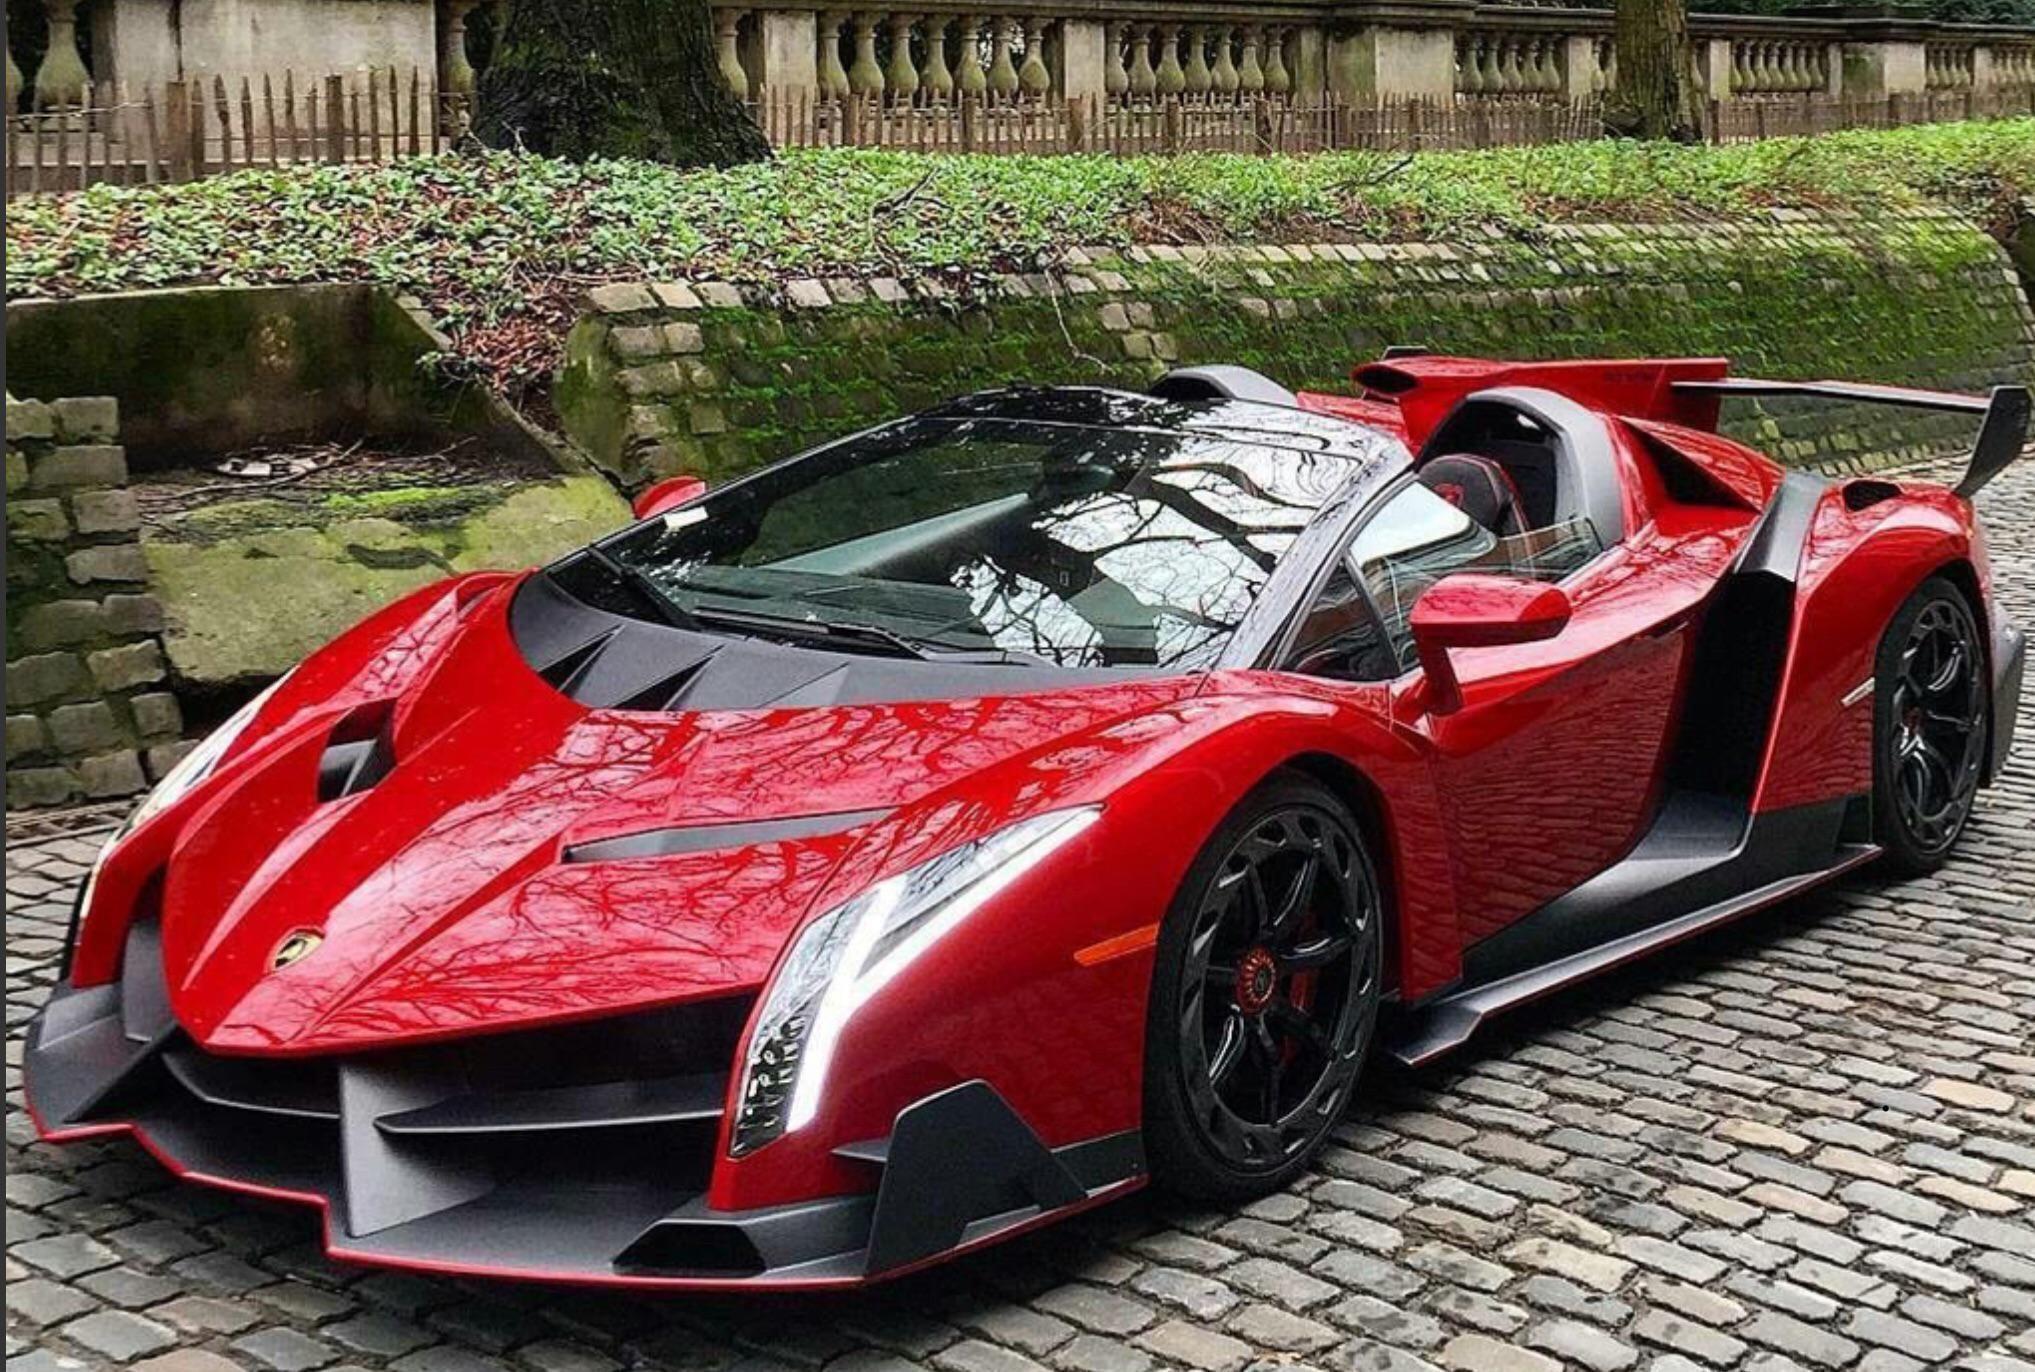 Red Lamborghini Veneno Roadster Carporn